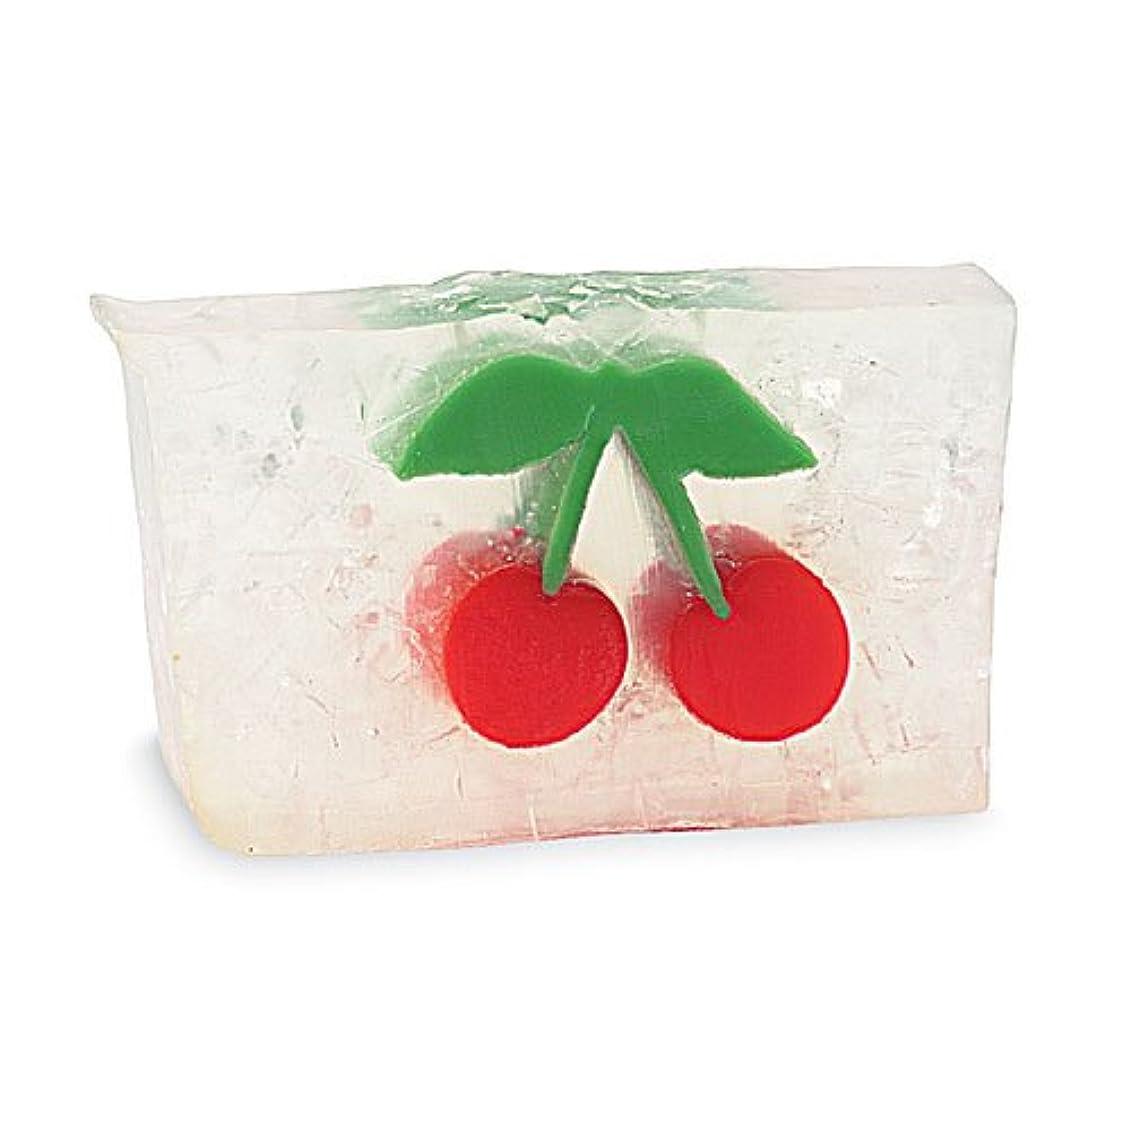 ピークビスケット団結するプライモールエレメンツ アロマティック ソープ チェリー 180g 植物性 ナチュラル 石鹸 無添加